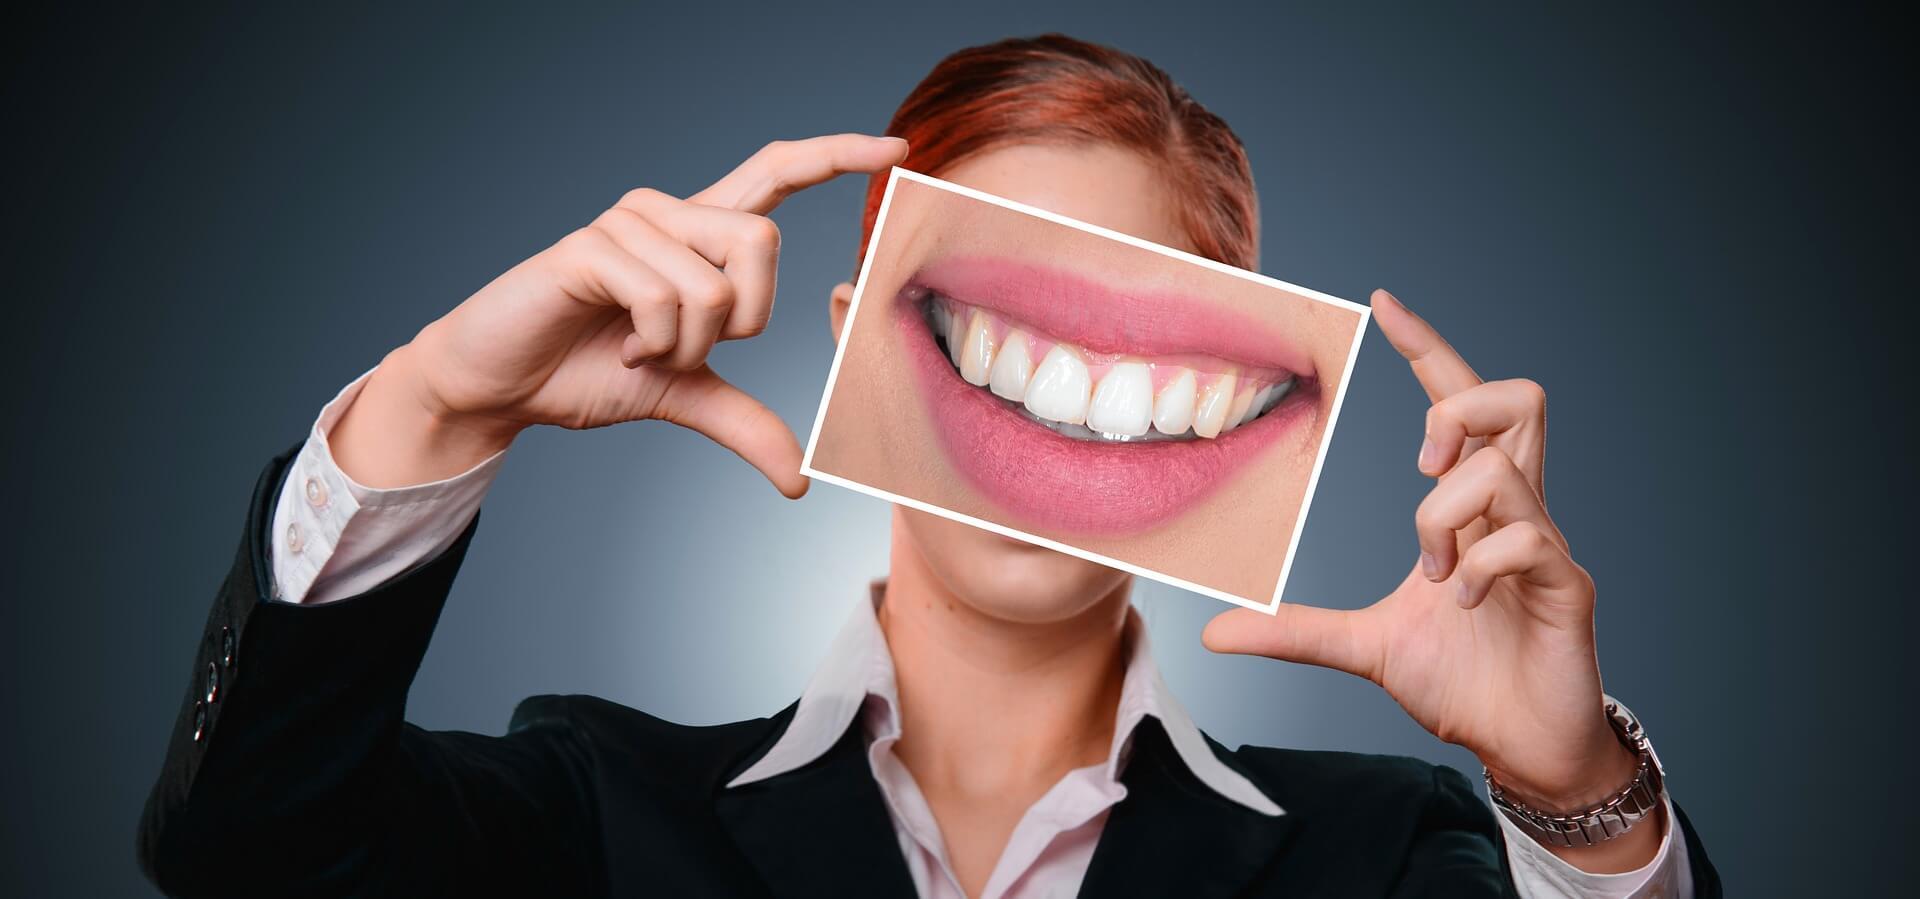 Verschönerung der Zähne